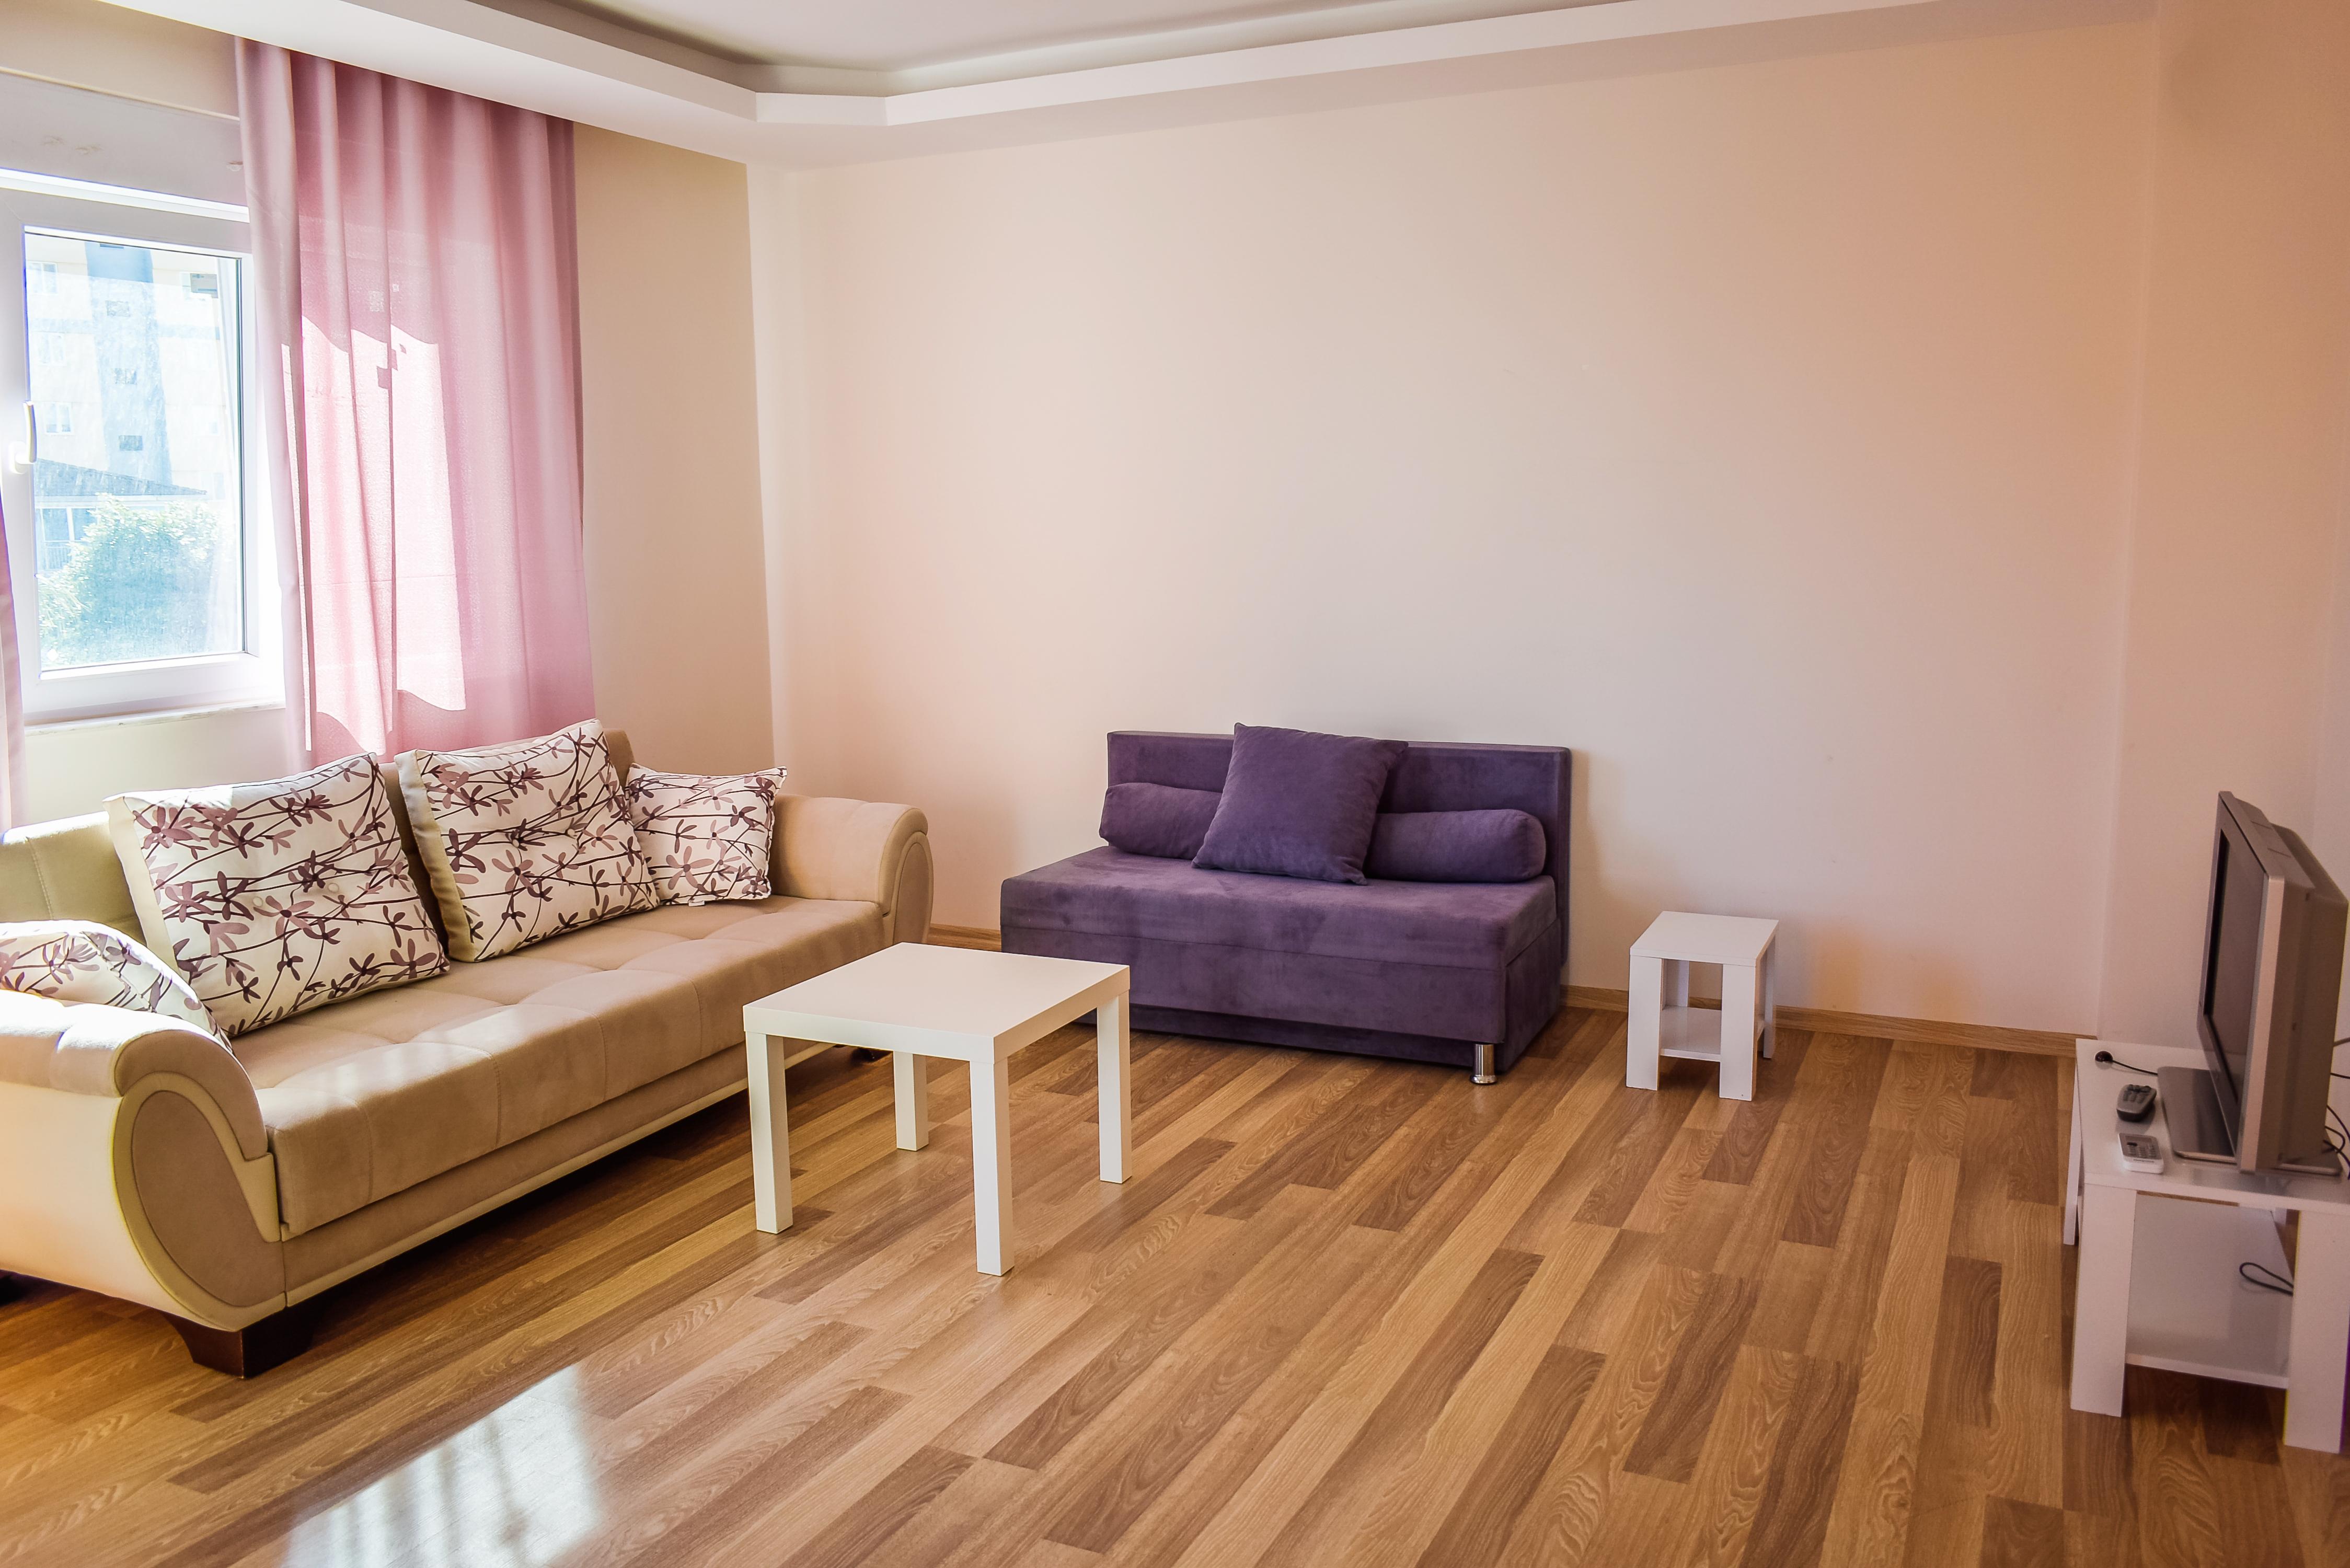 Ferienwohnung Gemtliche 2 Schlafzimmer mit Blick auf die Berge Gratis Wifi (2782156), Çakirlar, , Mittelmeerregion, Türkei, Bild 3